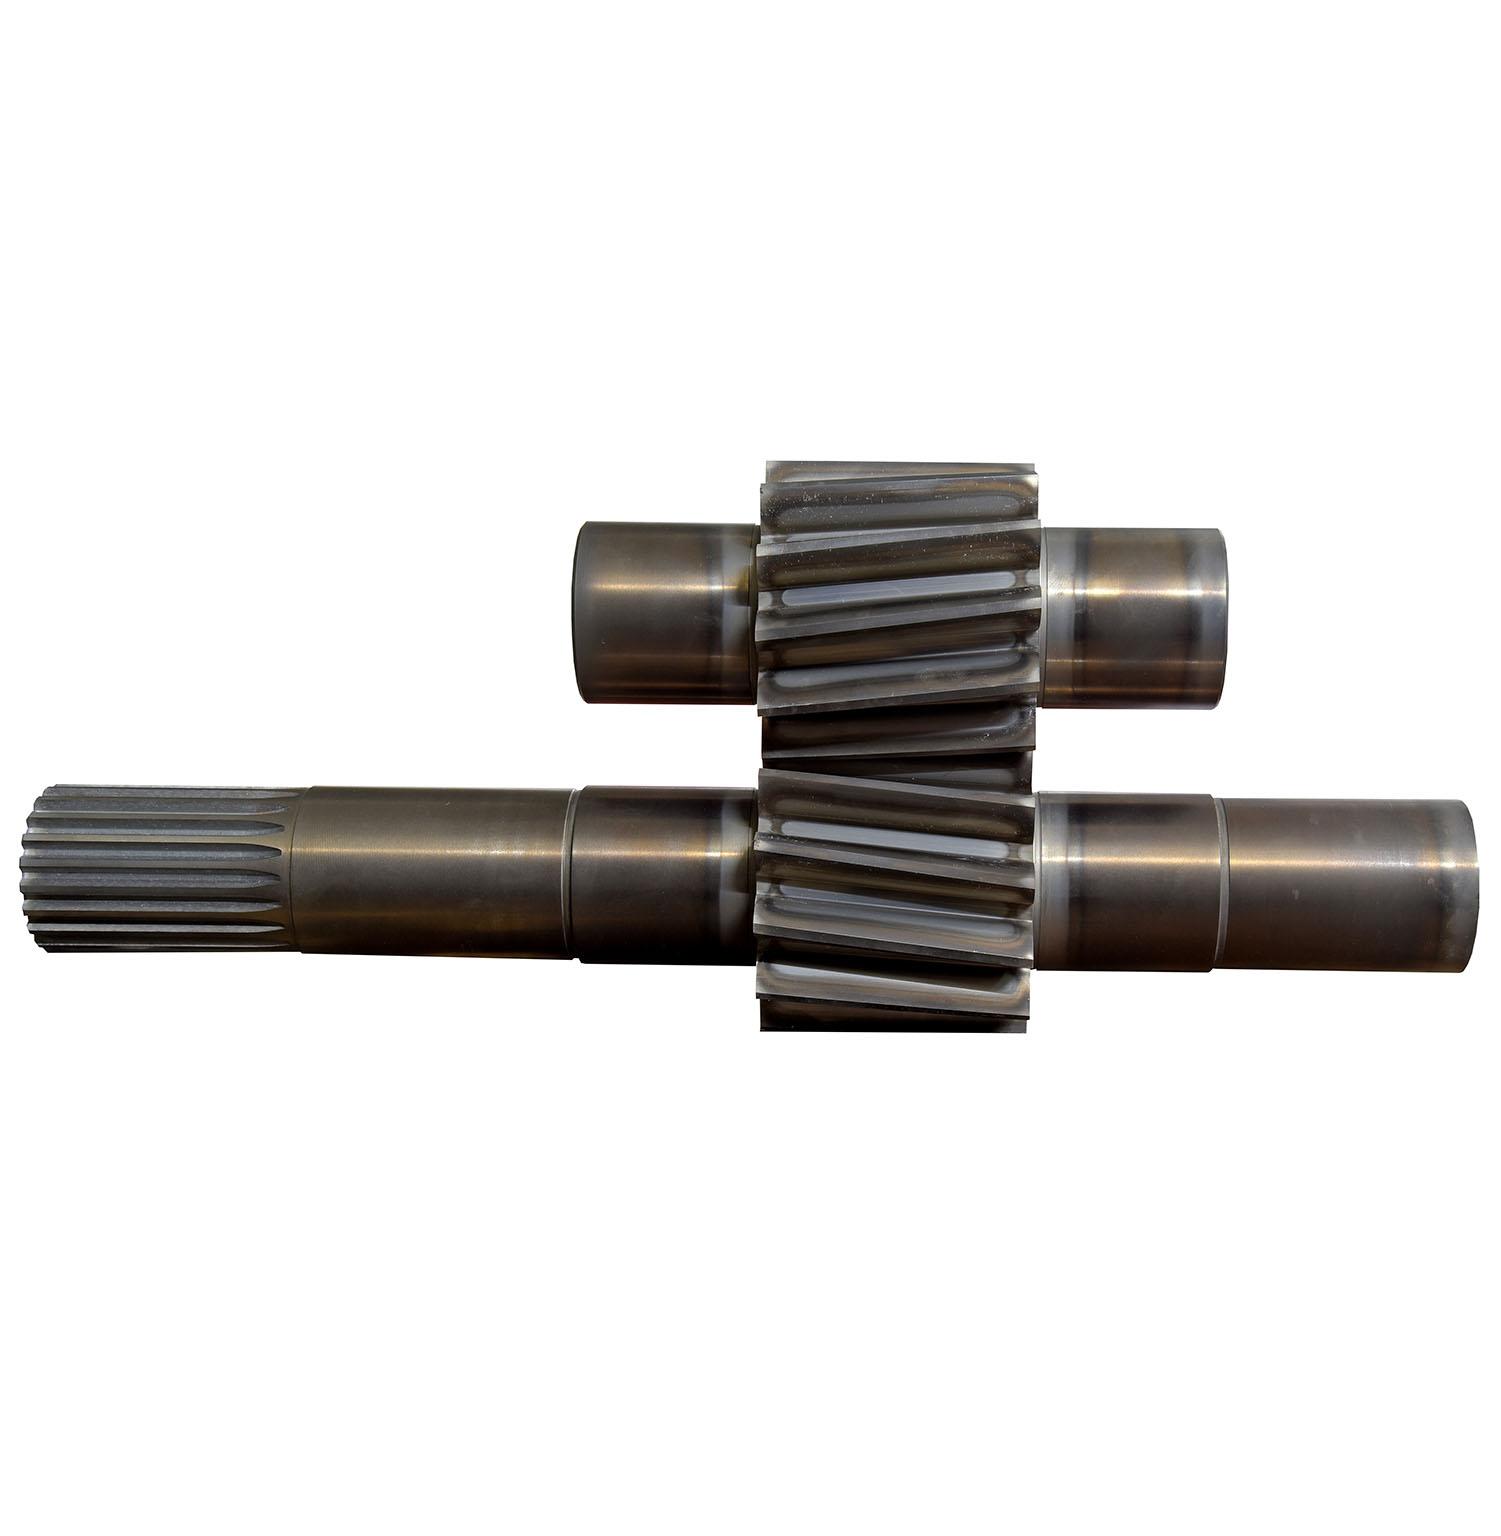 Manufacturer of Gear Pump in Ankleshwar, Surat, Valsad, Vapi, Rajkot, Nandesari, Padra, Savli, Dahej, Bharuch, Chennai, Gurgaon, Srinagar